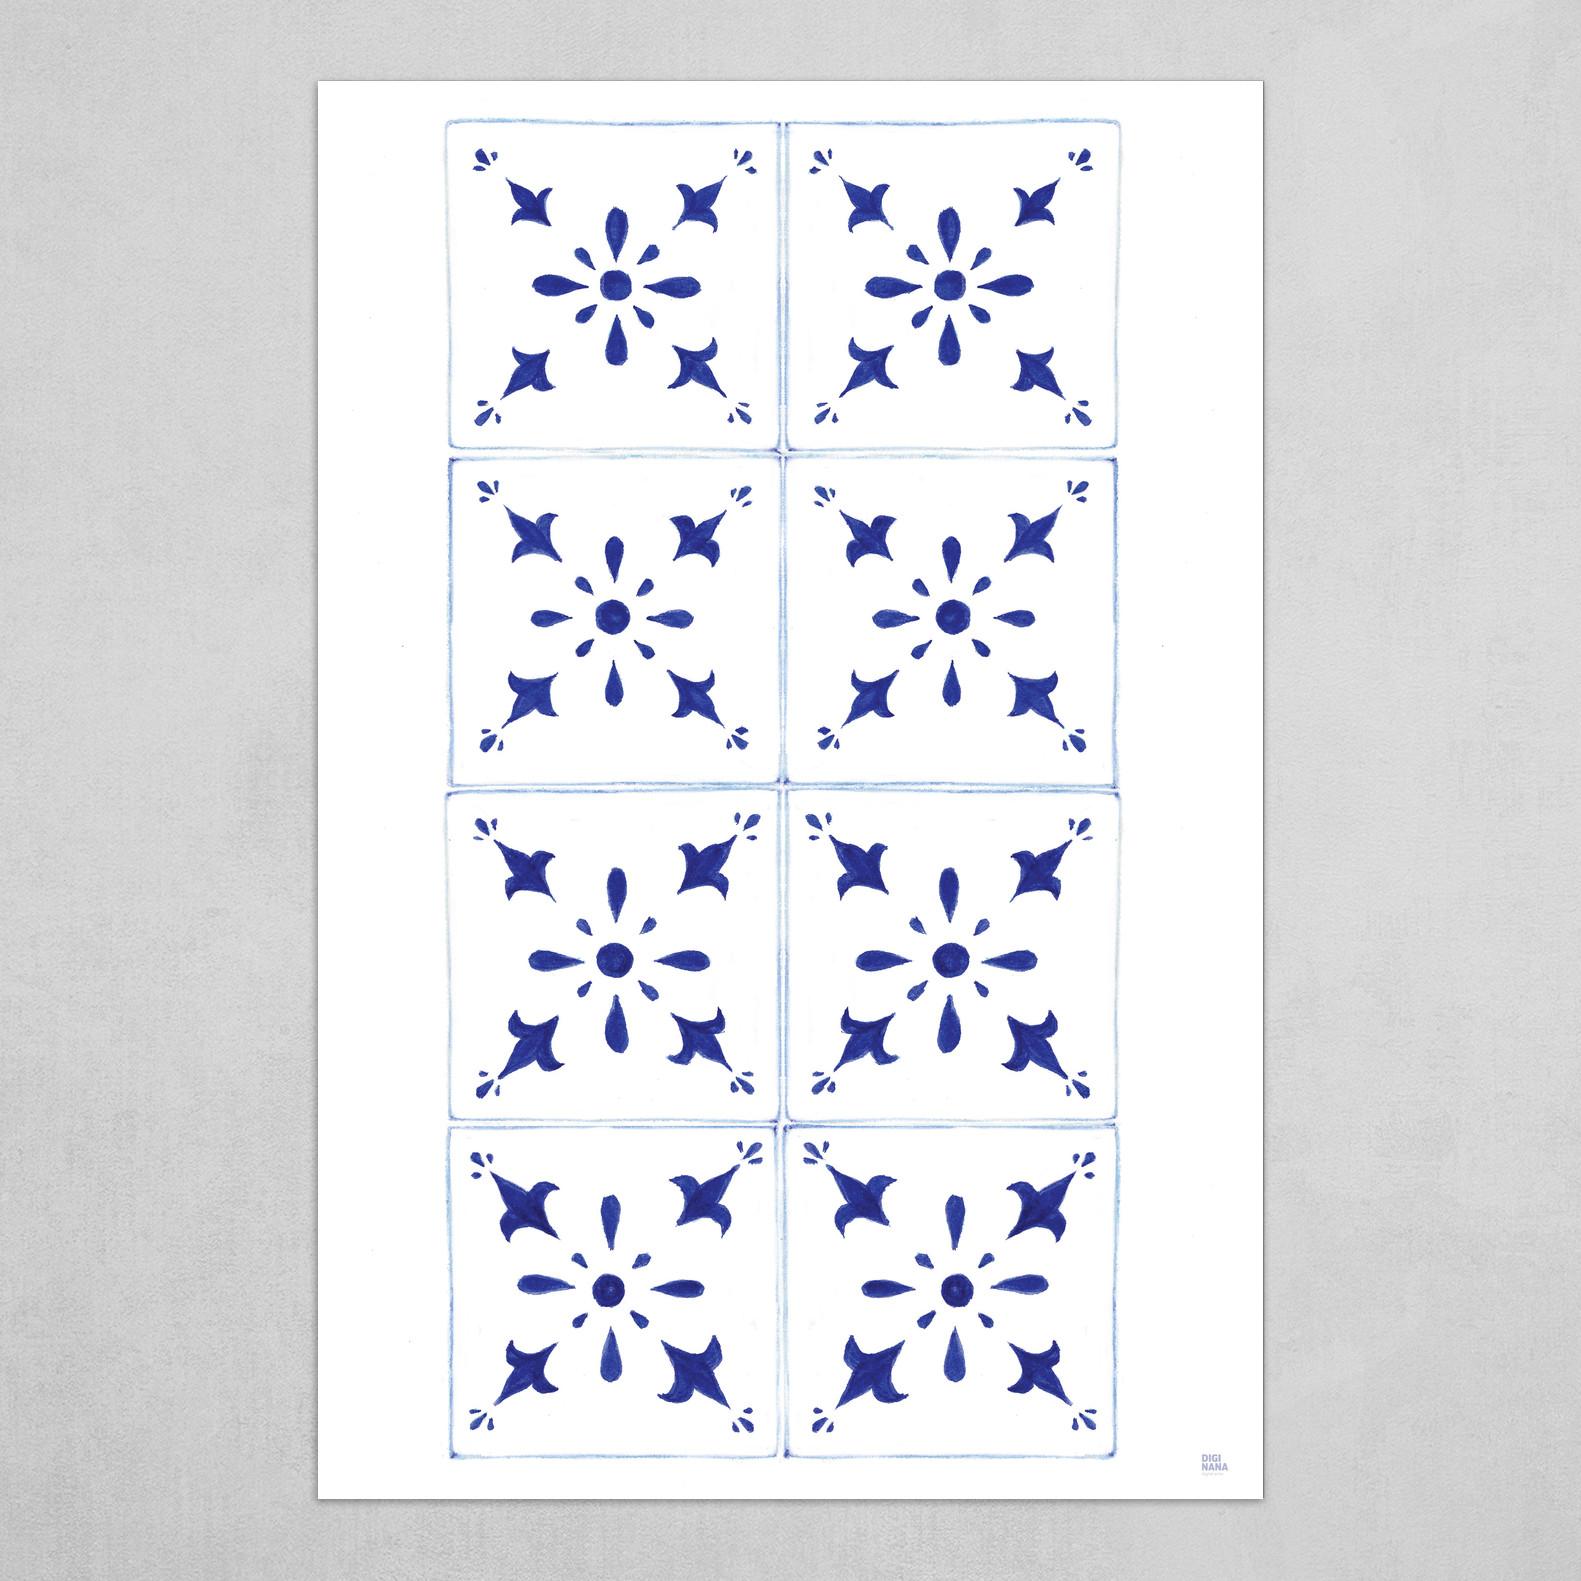 Porto's Tiles 3.0